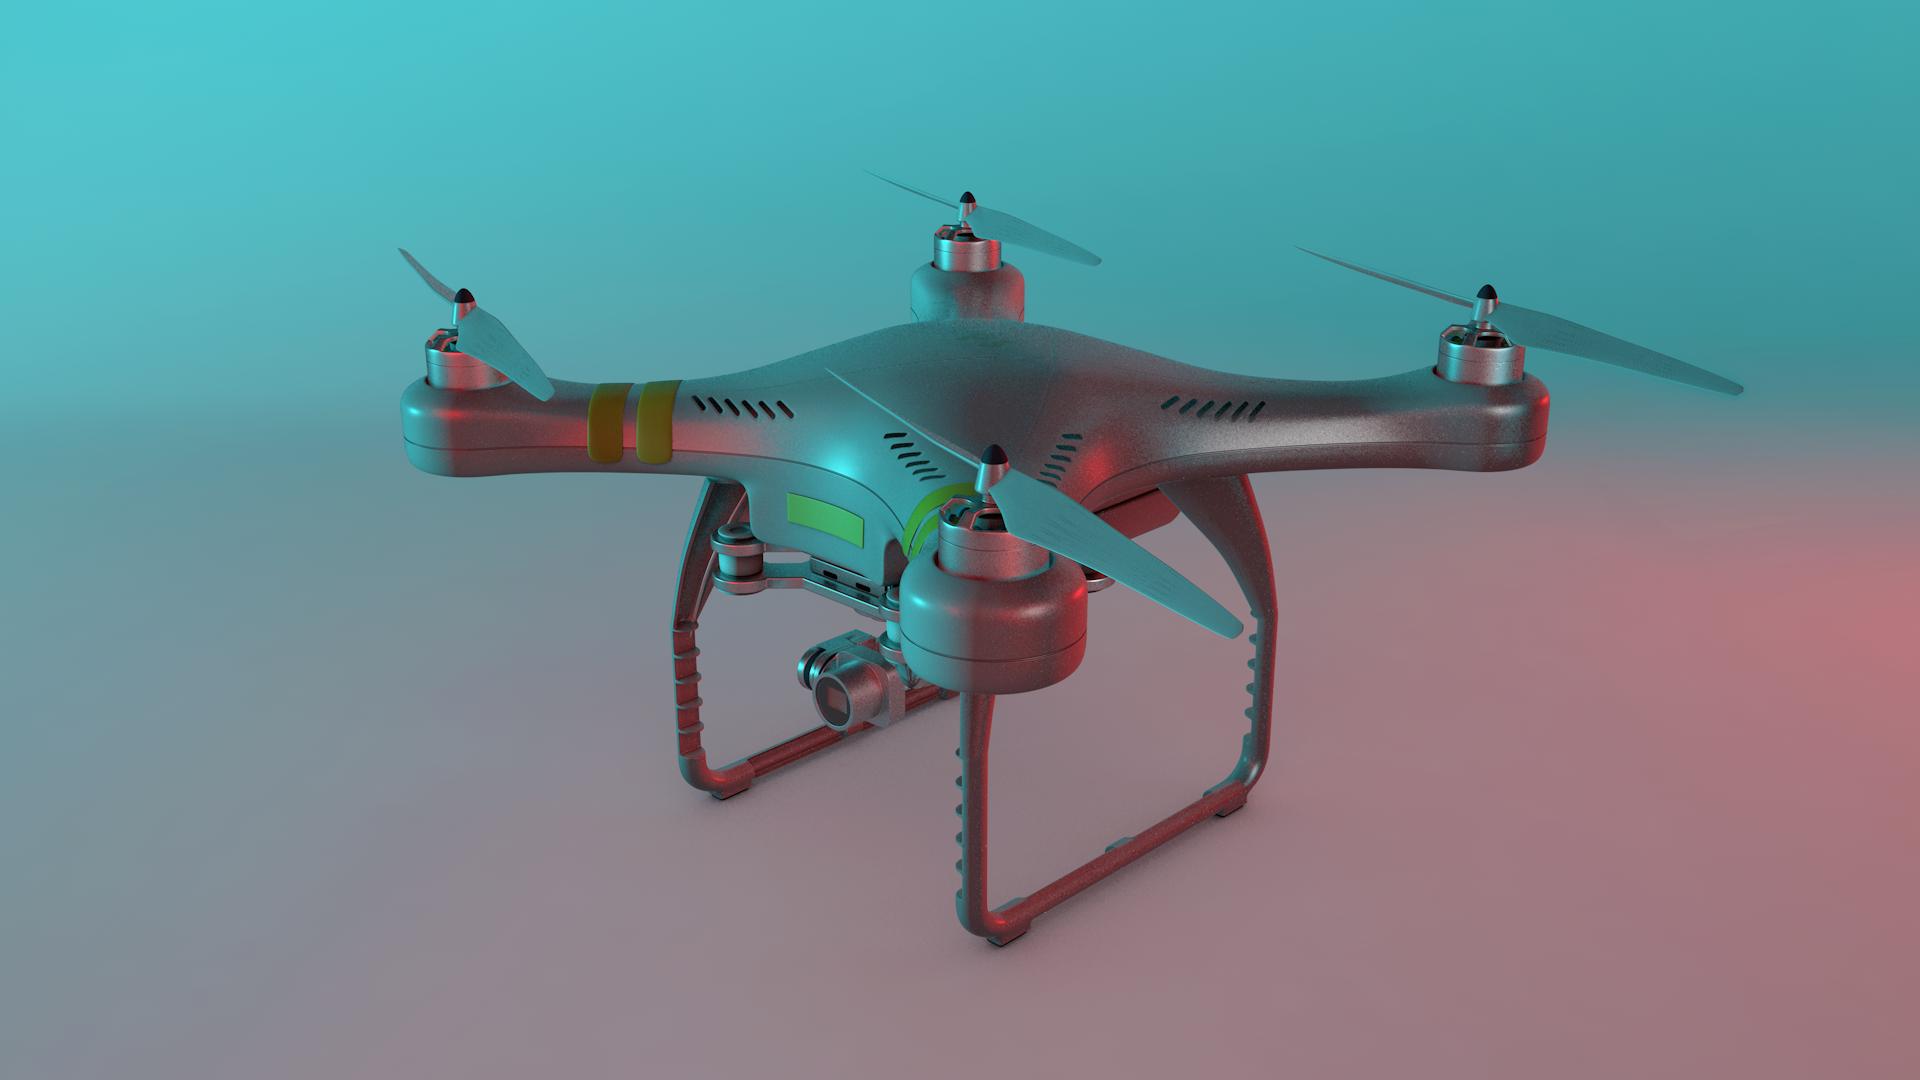 Comley_droneLab